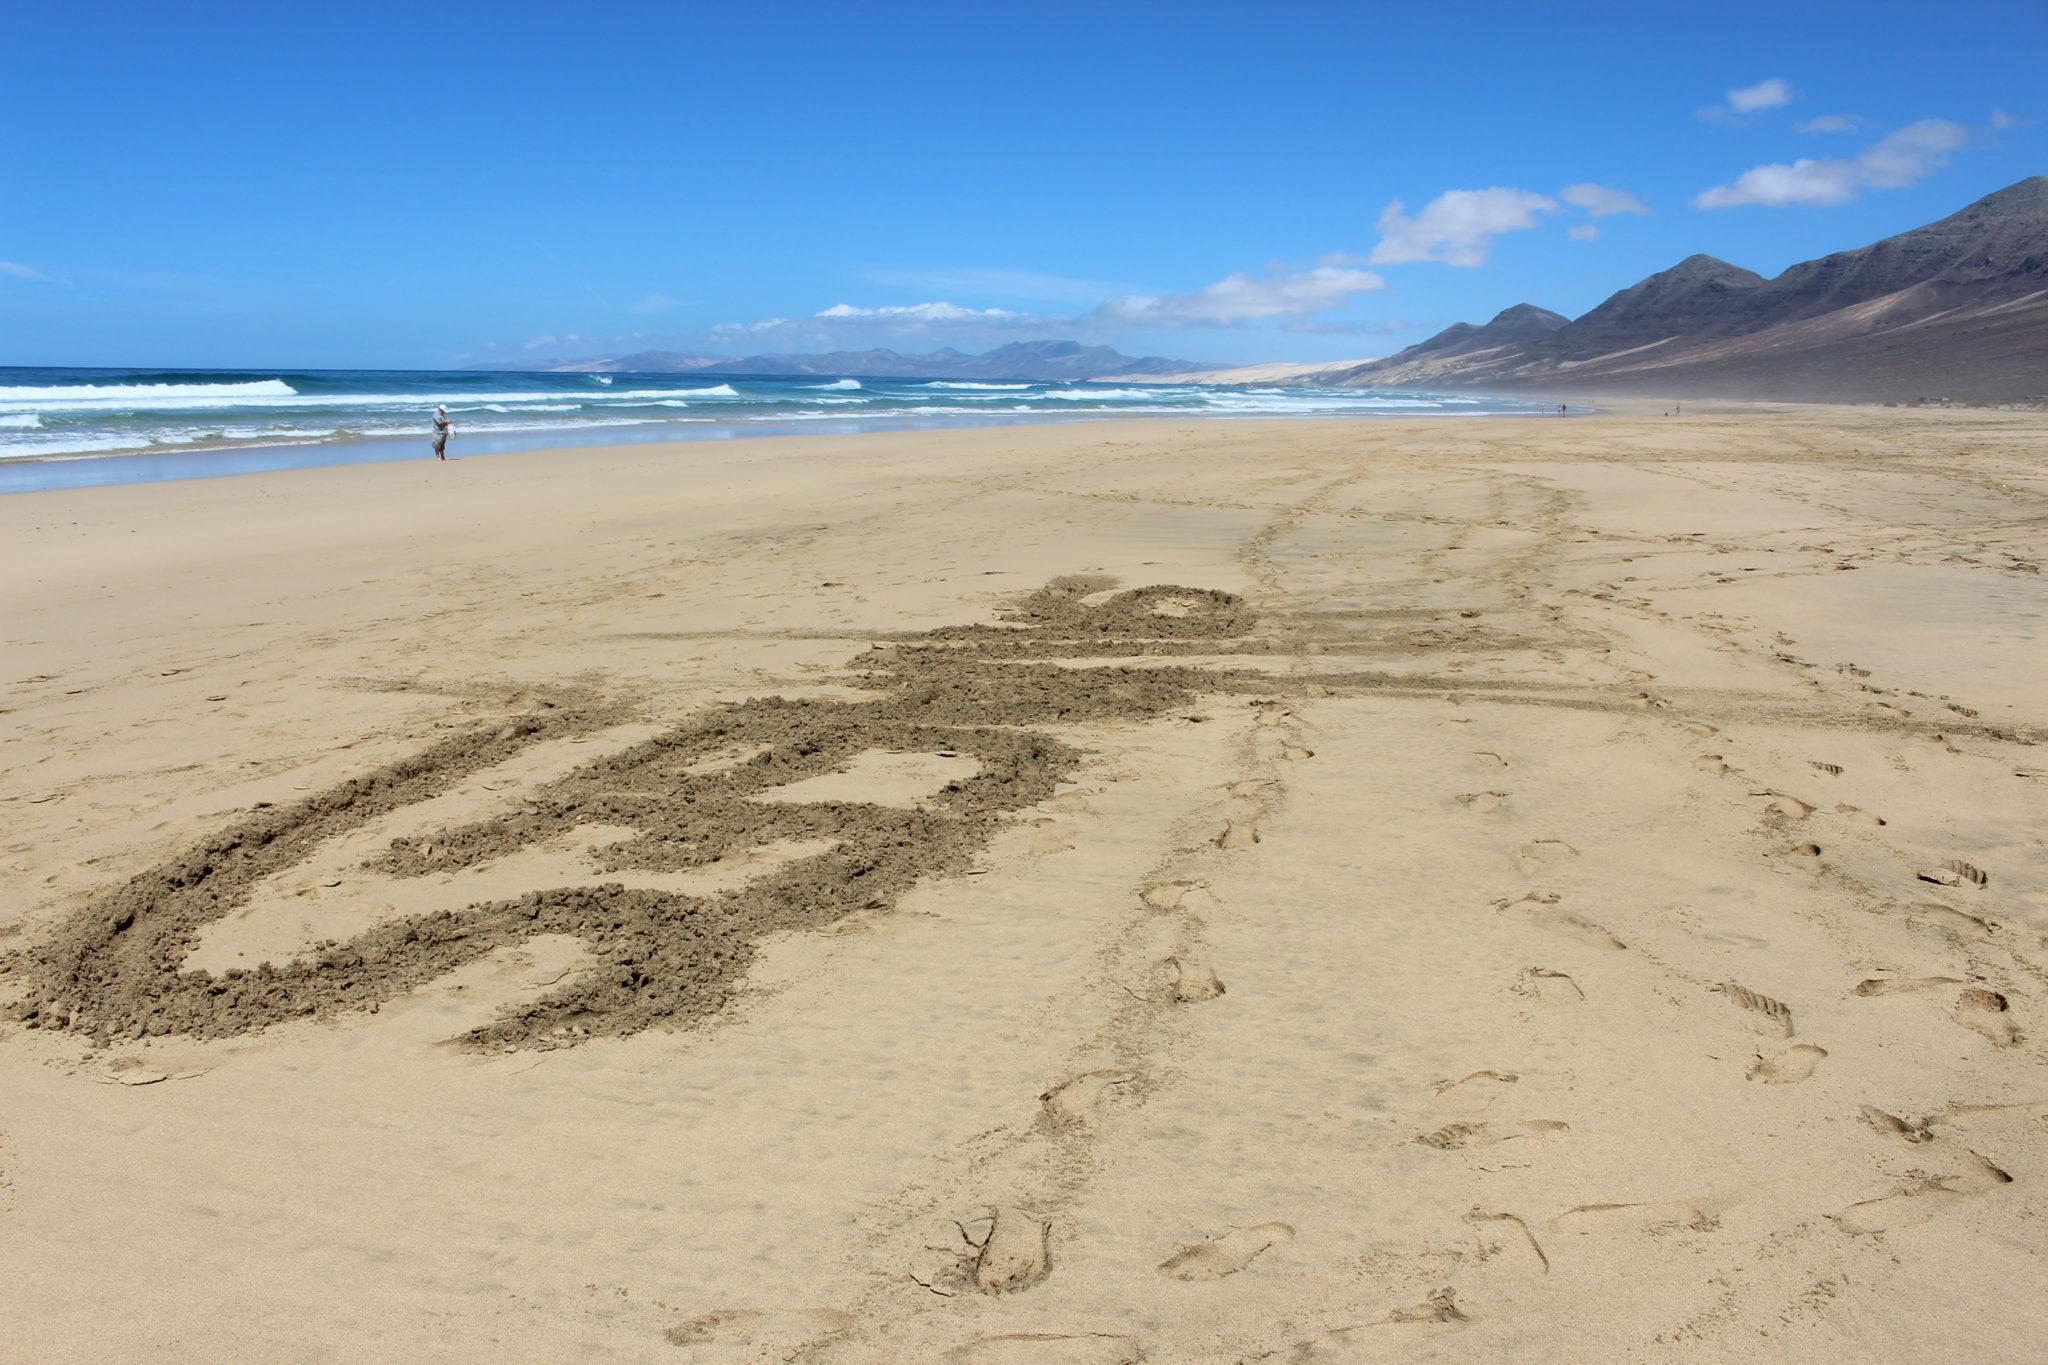 Ktoś, kto był tu przede mną, zostawił na piasku napis, który pomógł mi ciekawie wypełnić kadr.